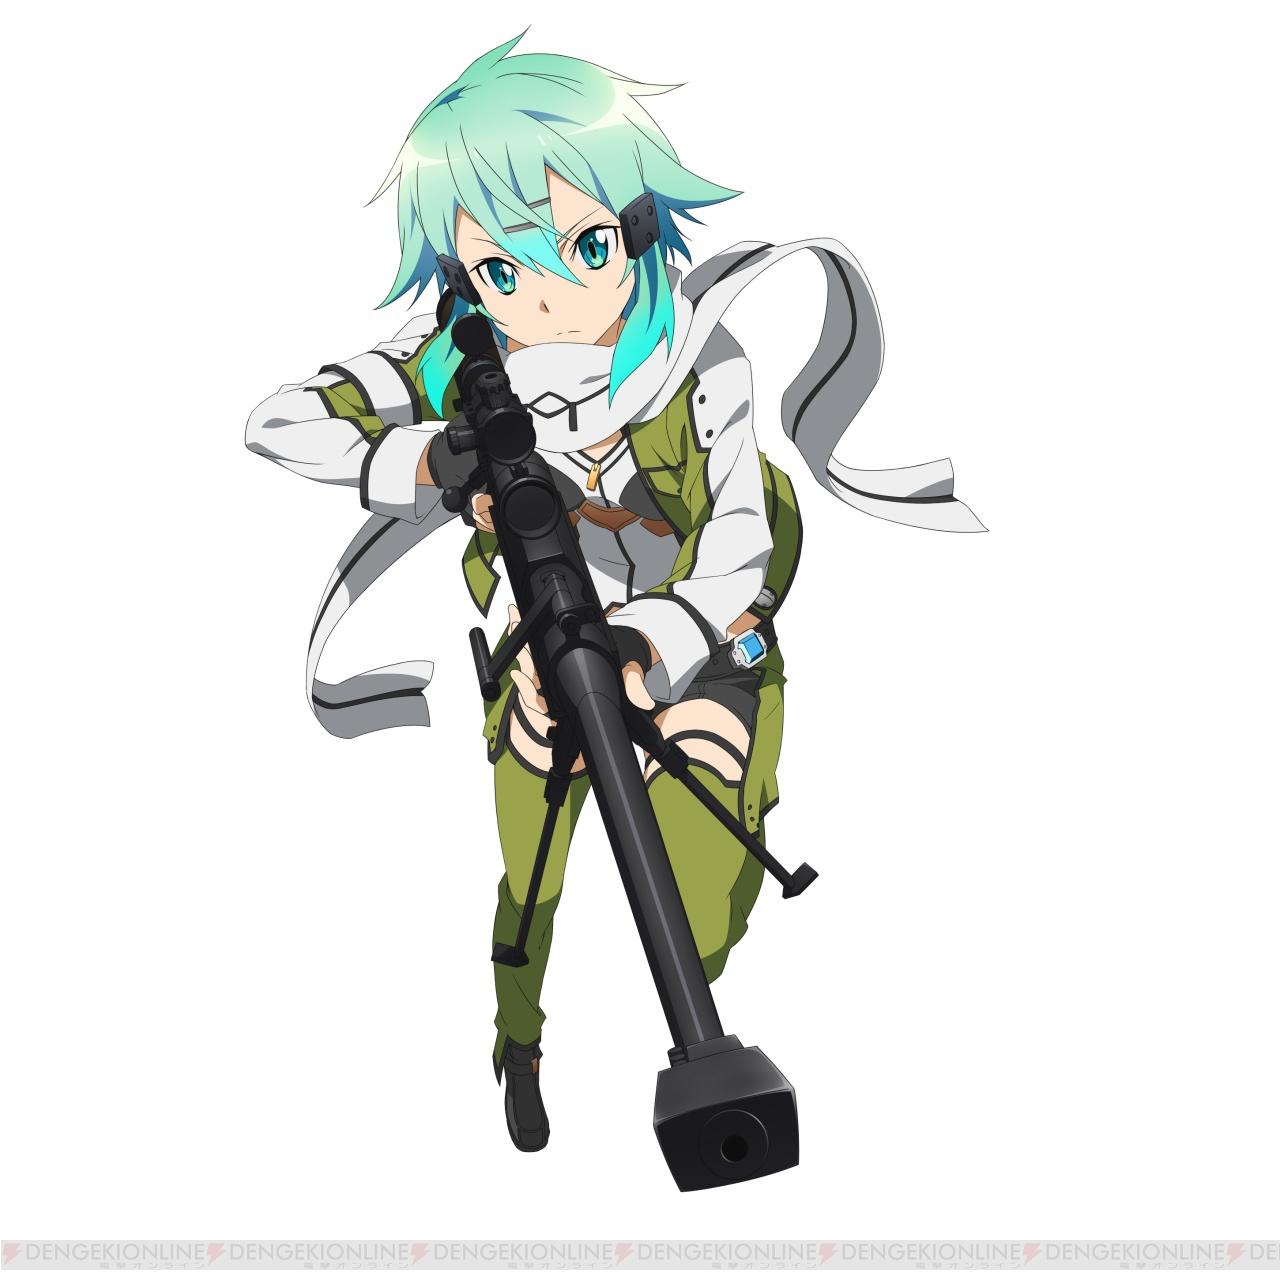 Image Sinon S Ggo Character Design 2 For Code Register